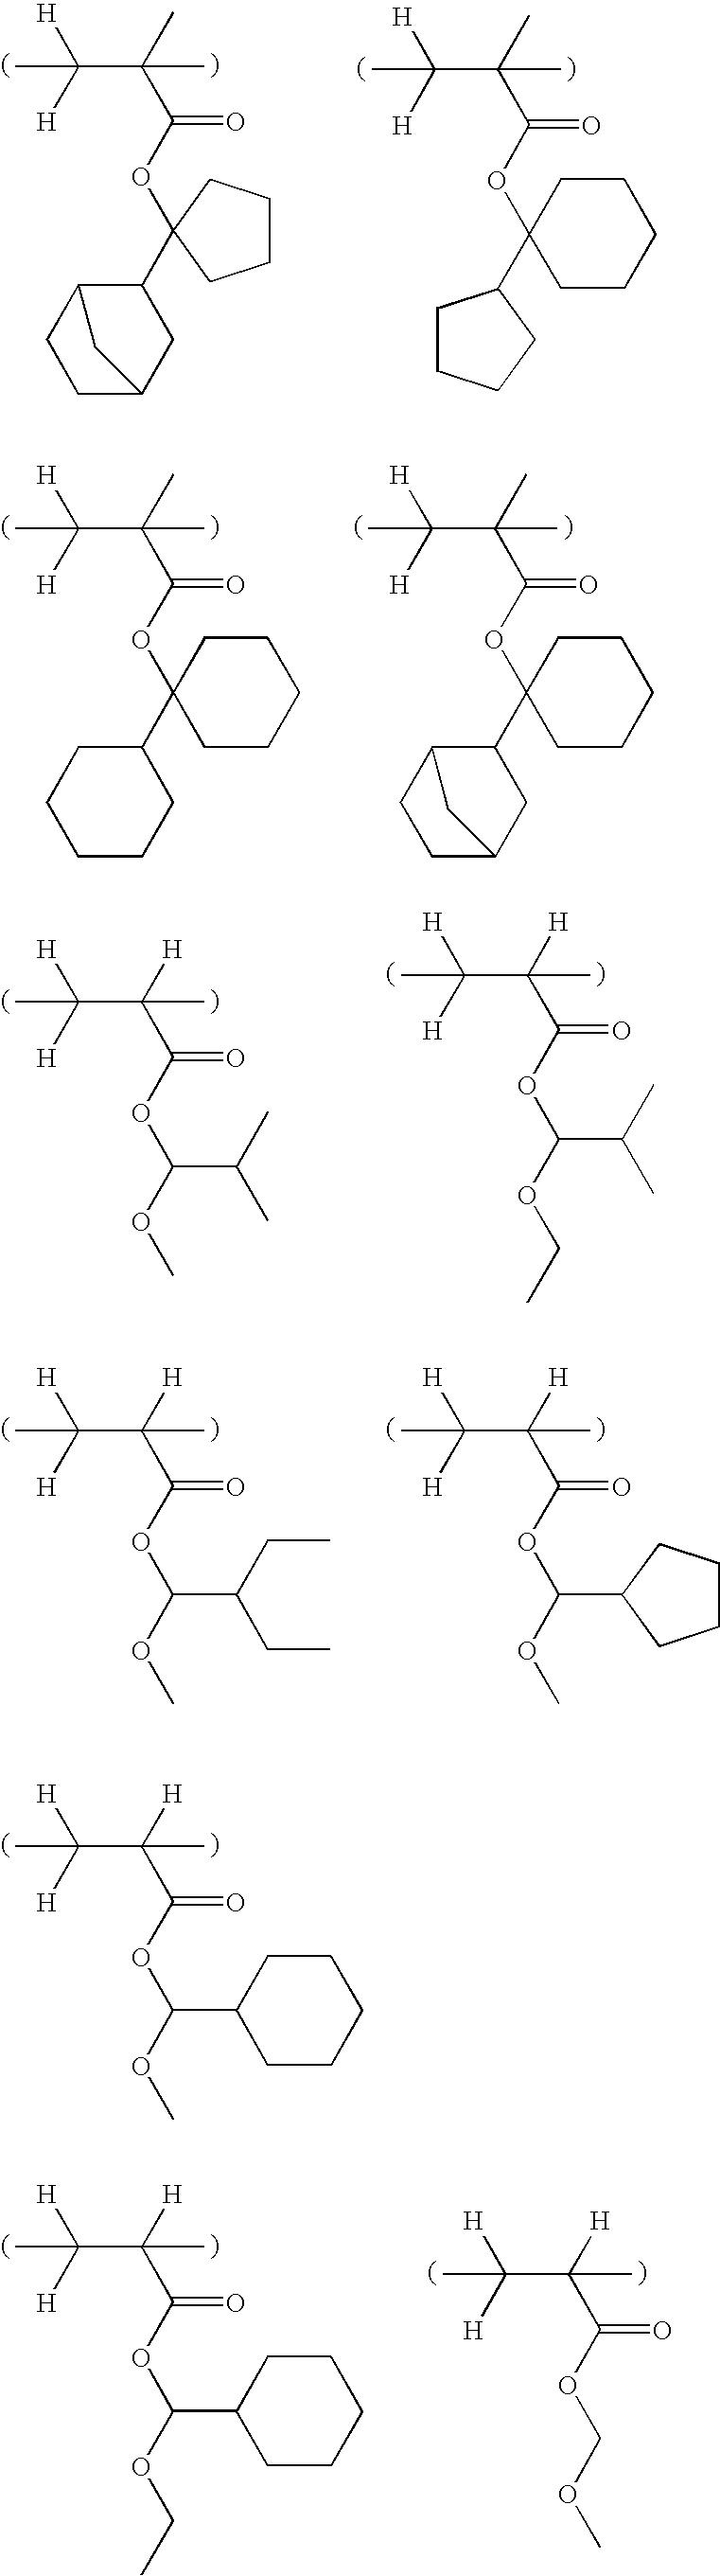 Figure US07537880-20090526-C00050